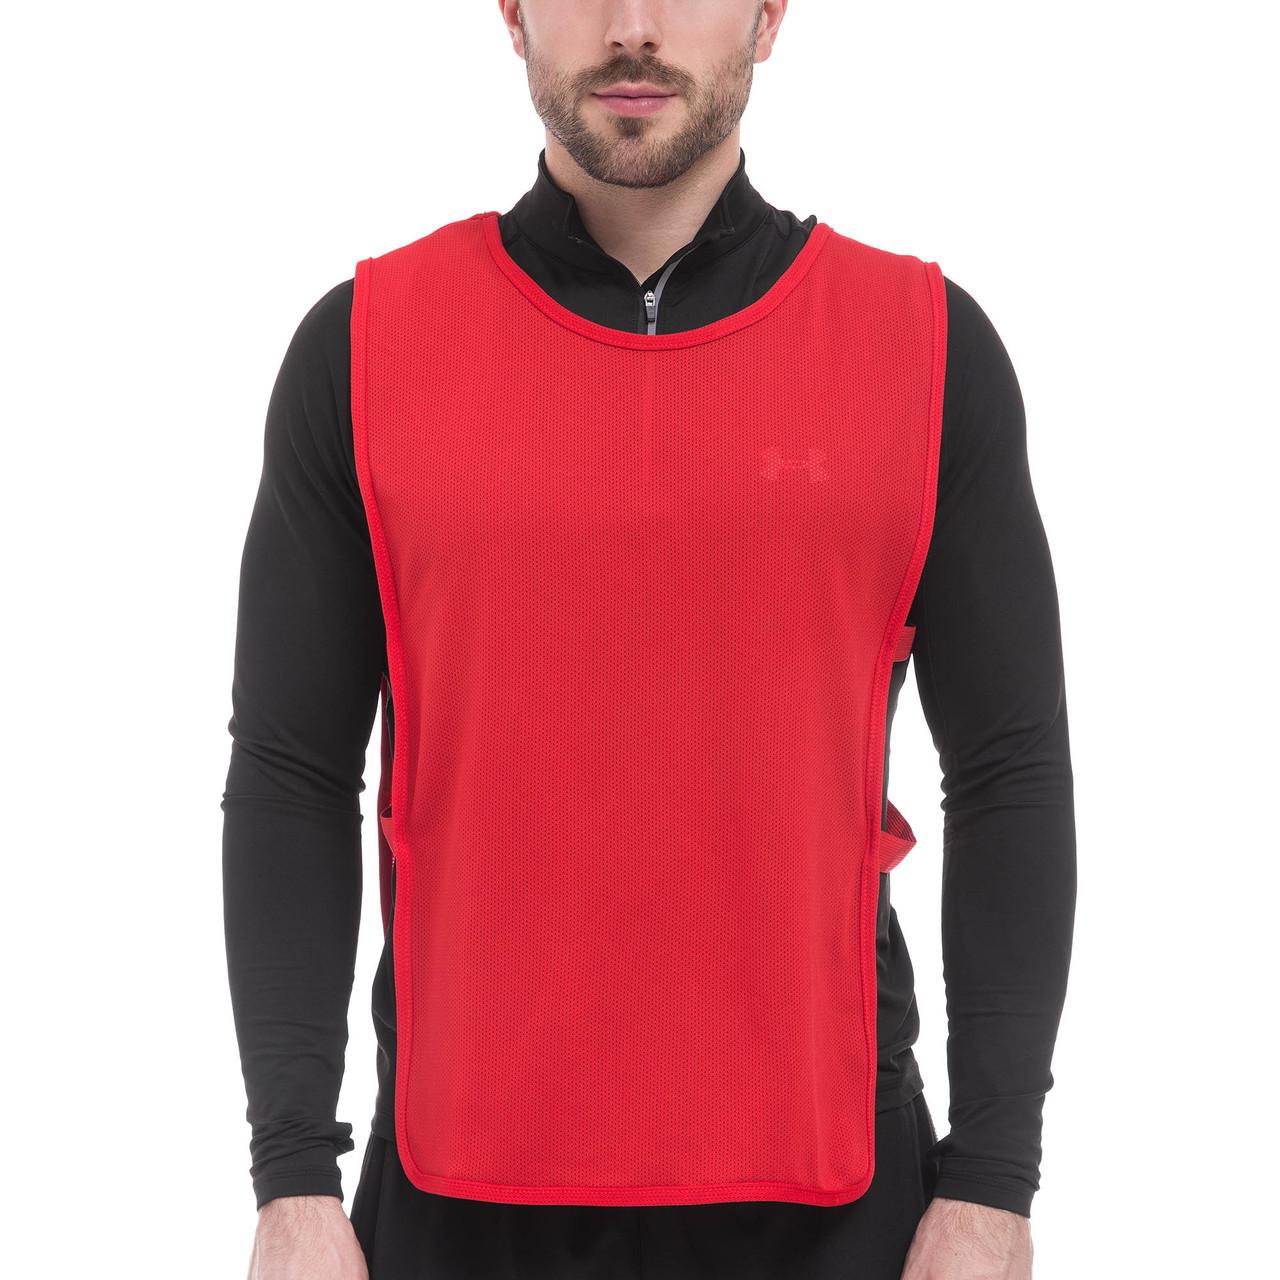 Манишка для футбола мужская с резинкой (сетка) красные CO-1676